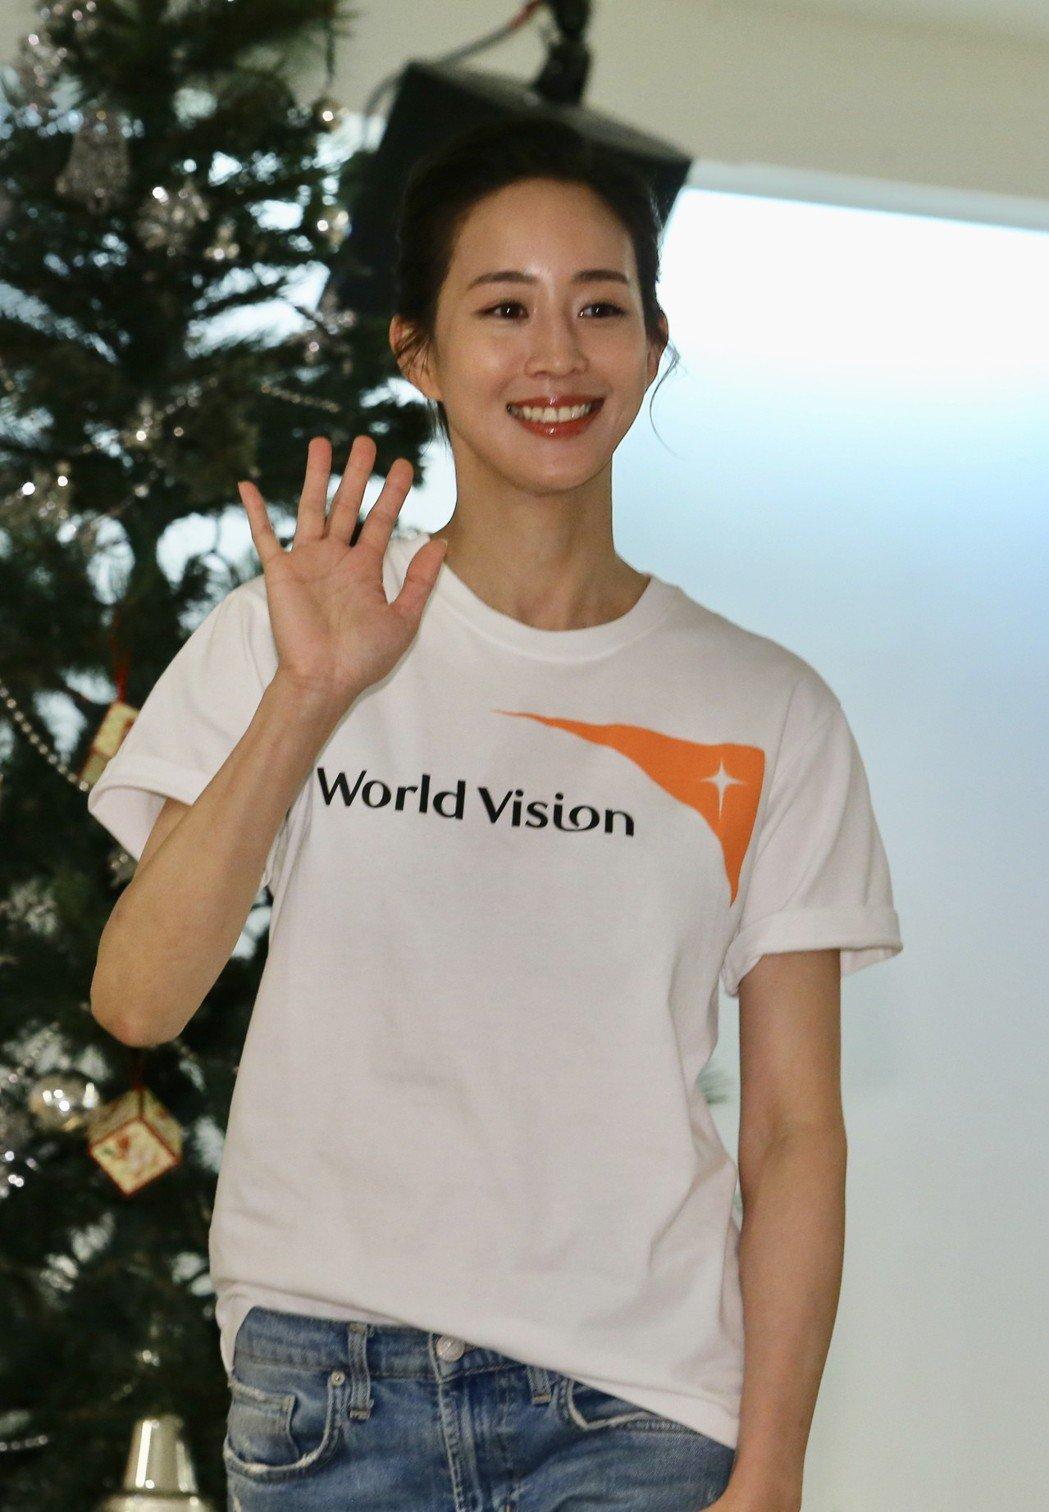 世展會資助兒童計畫代言人張鈞甯(圖)分享在尼泊爾的故事。記者許正宏/攝影 許正宏